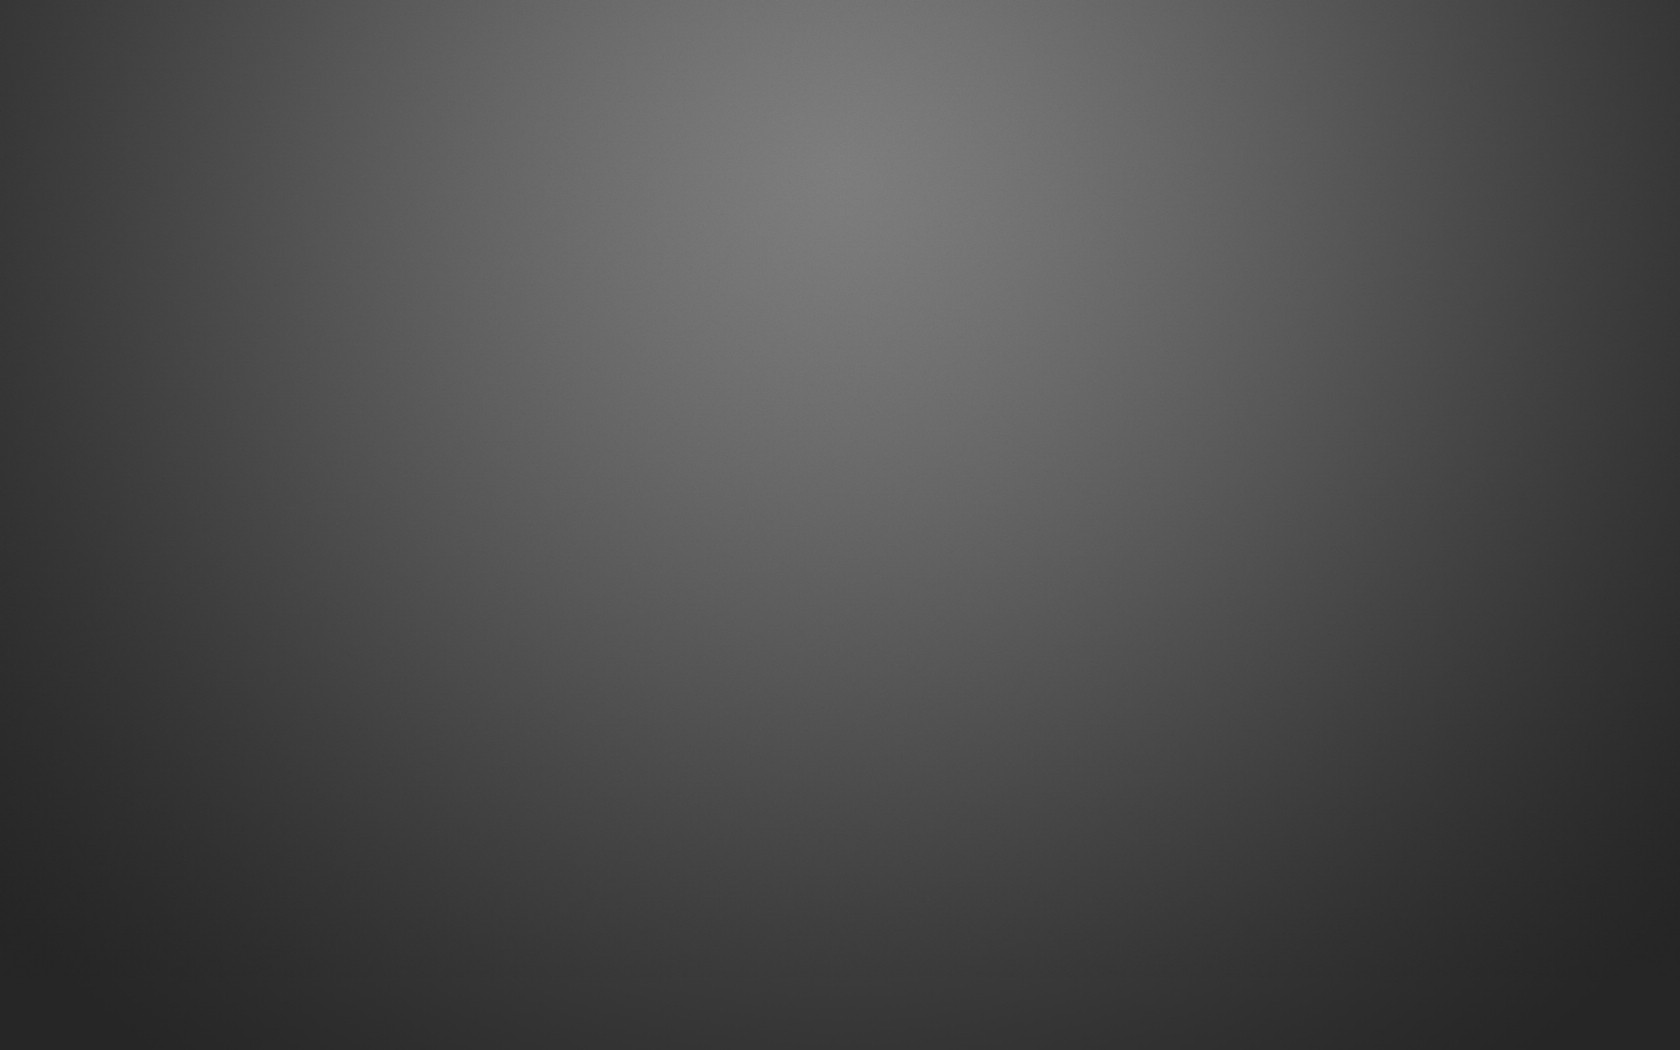 有质感的壁纸_触摸的到的质感【1920x1200不等】【20P】